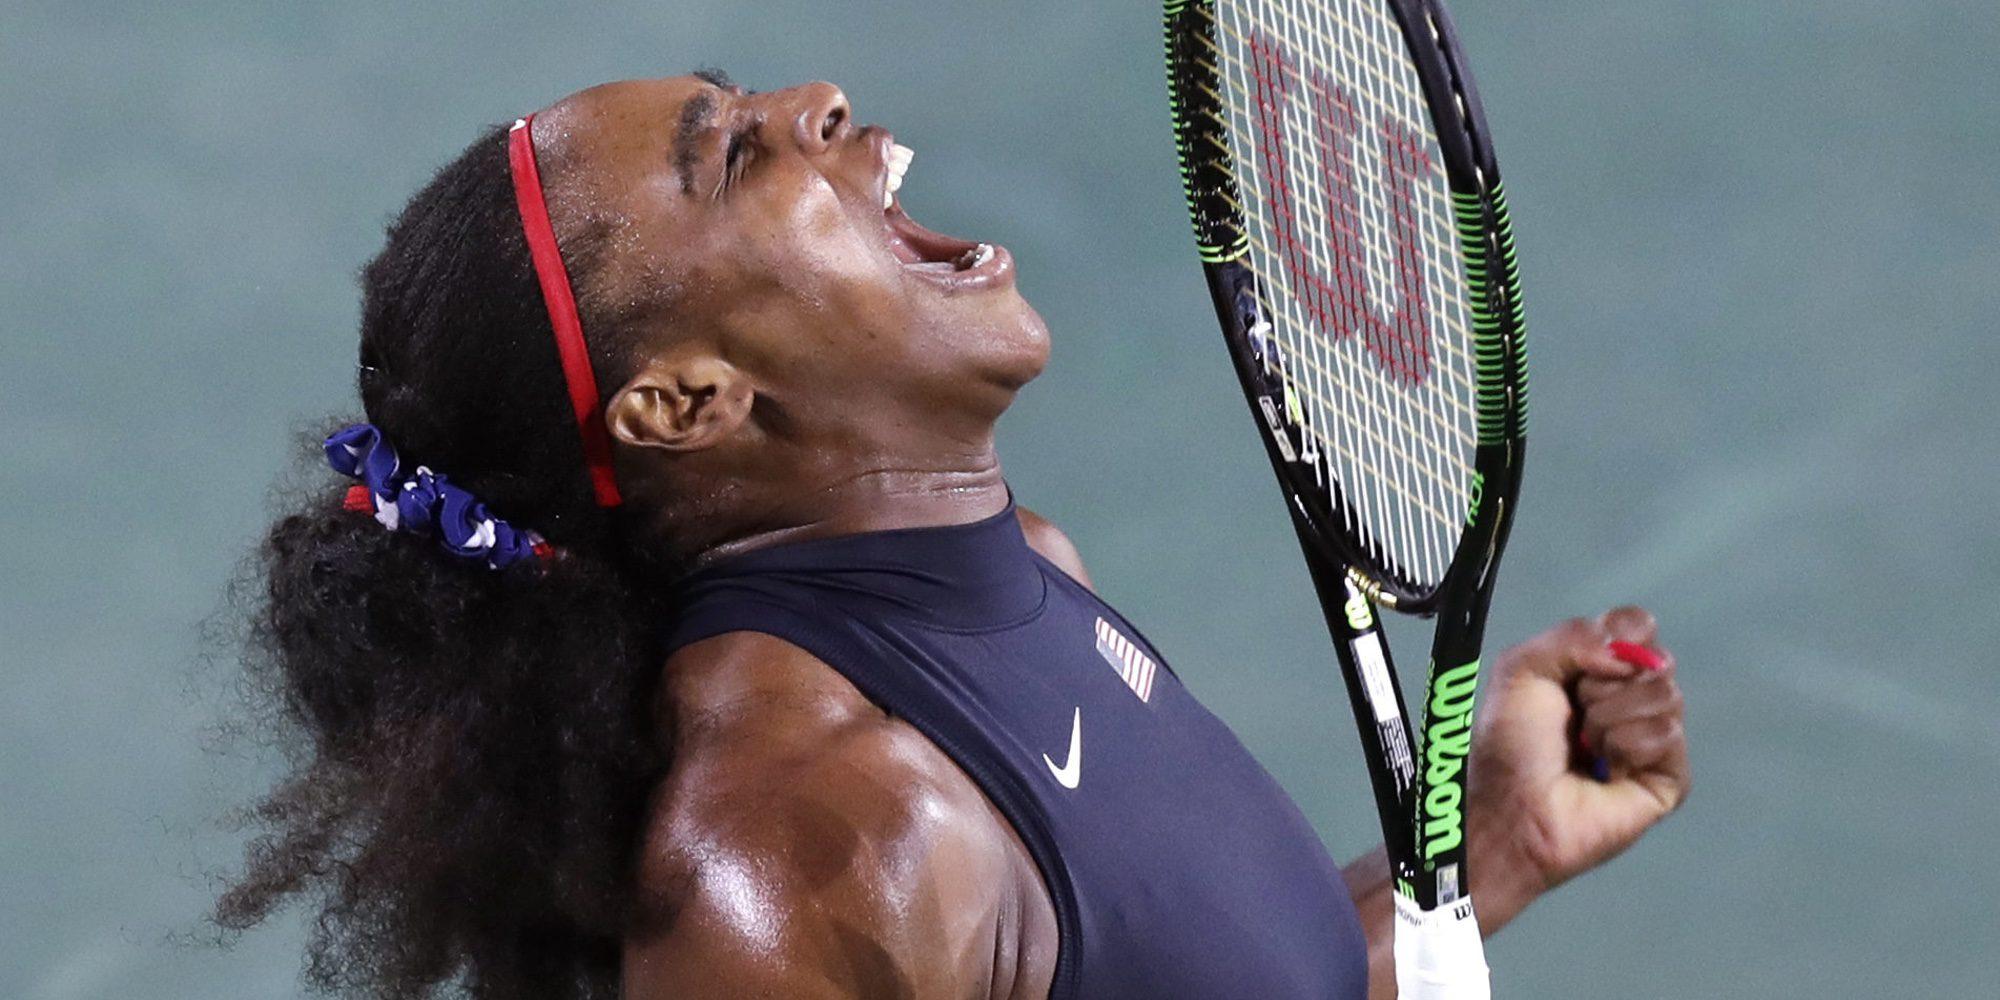 """Serena Williams responde a John McEnroe tras su comentario machista contra ella: """"Respétame"""""""